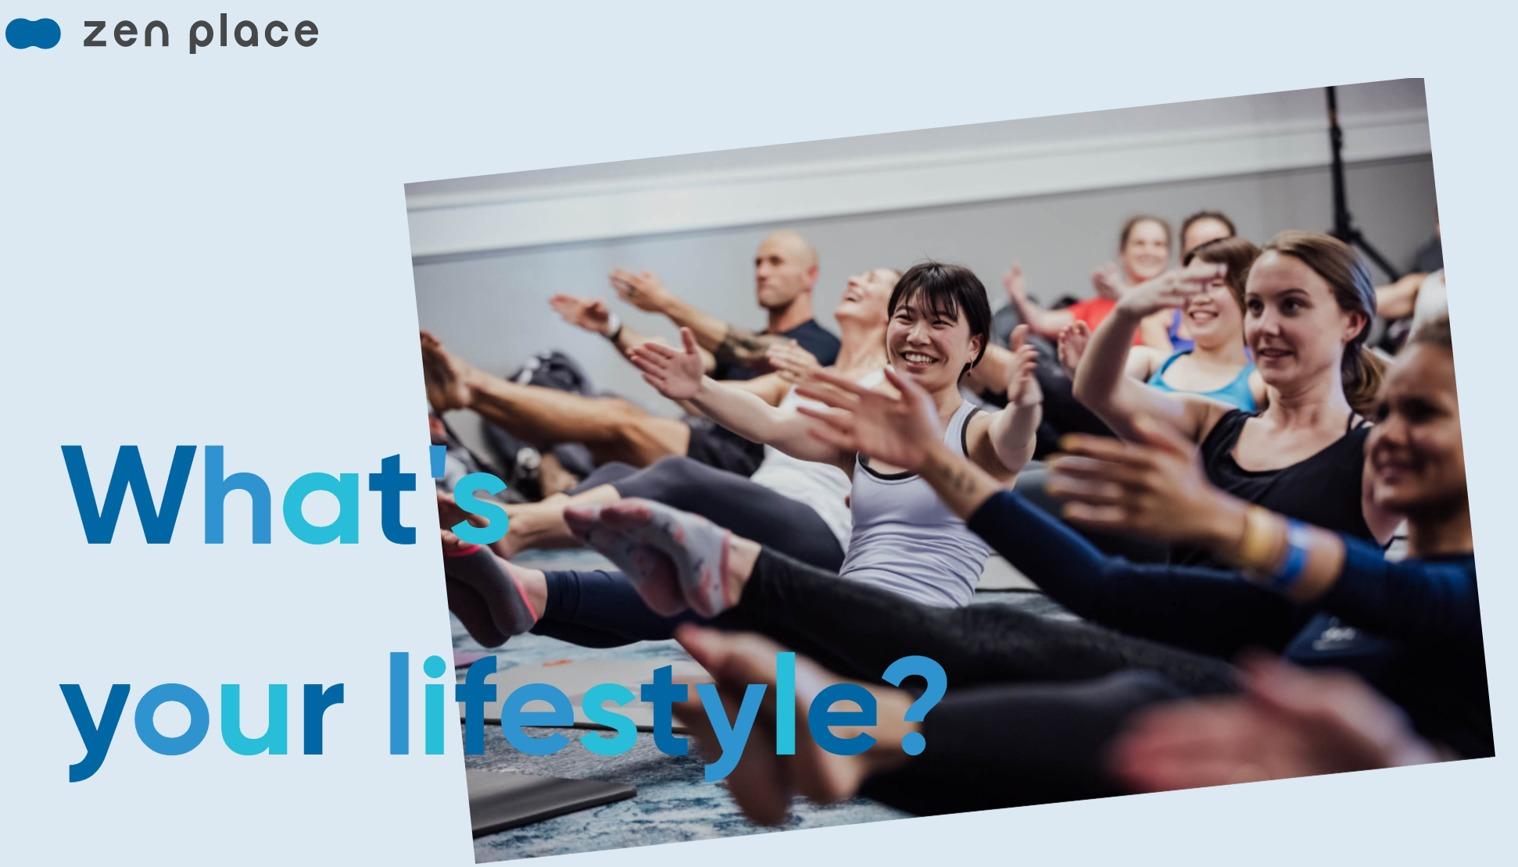 ヨガインストラクター資格RYT200をヨガワークス(yogaworks)で取る3つのメリット【海外で有名なヨガスクールです】